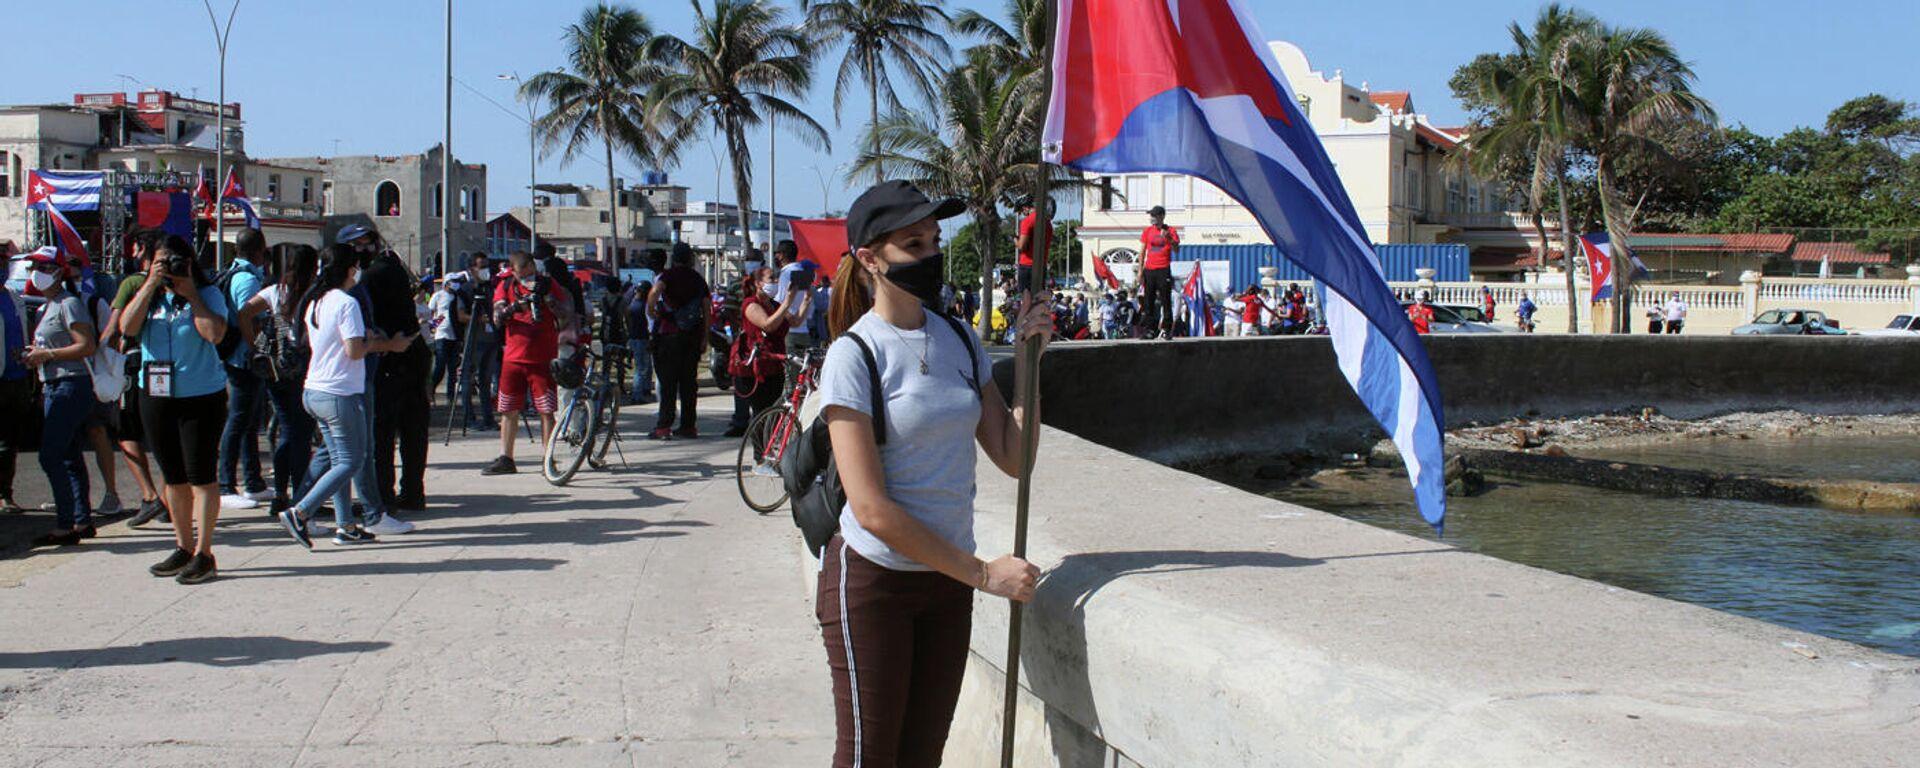 Manifestación contra el bloqueo de EEUU a Cuba en La Habana - Sputnik Mundo, 1920, 25.05.2021